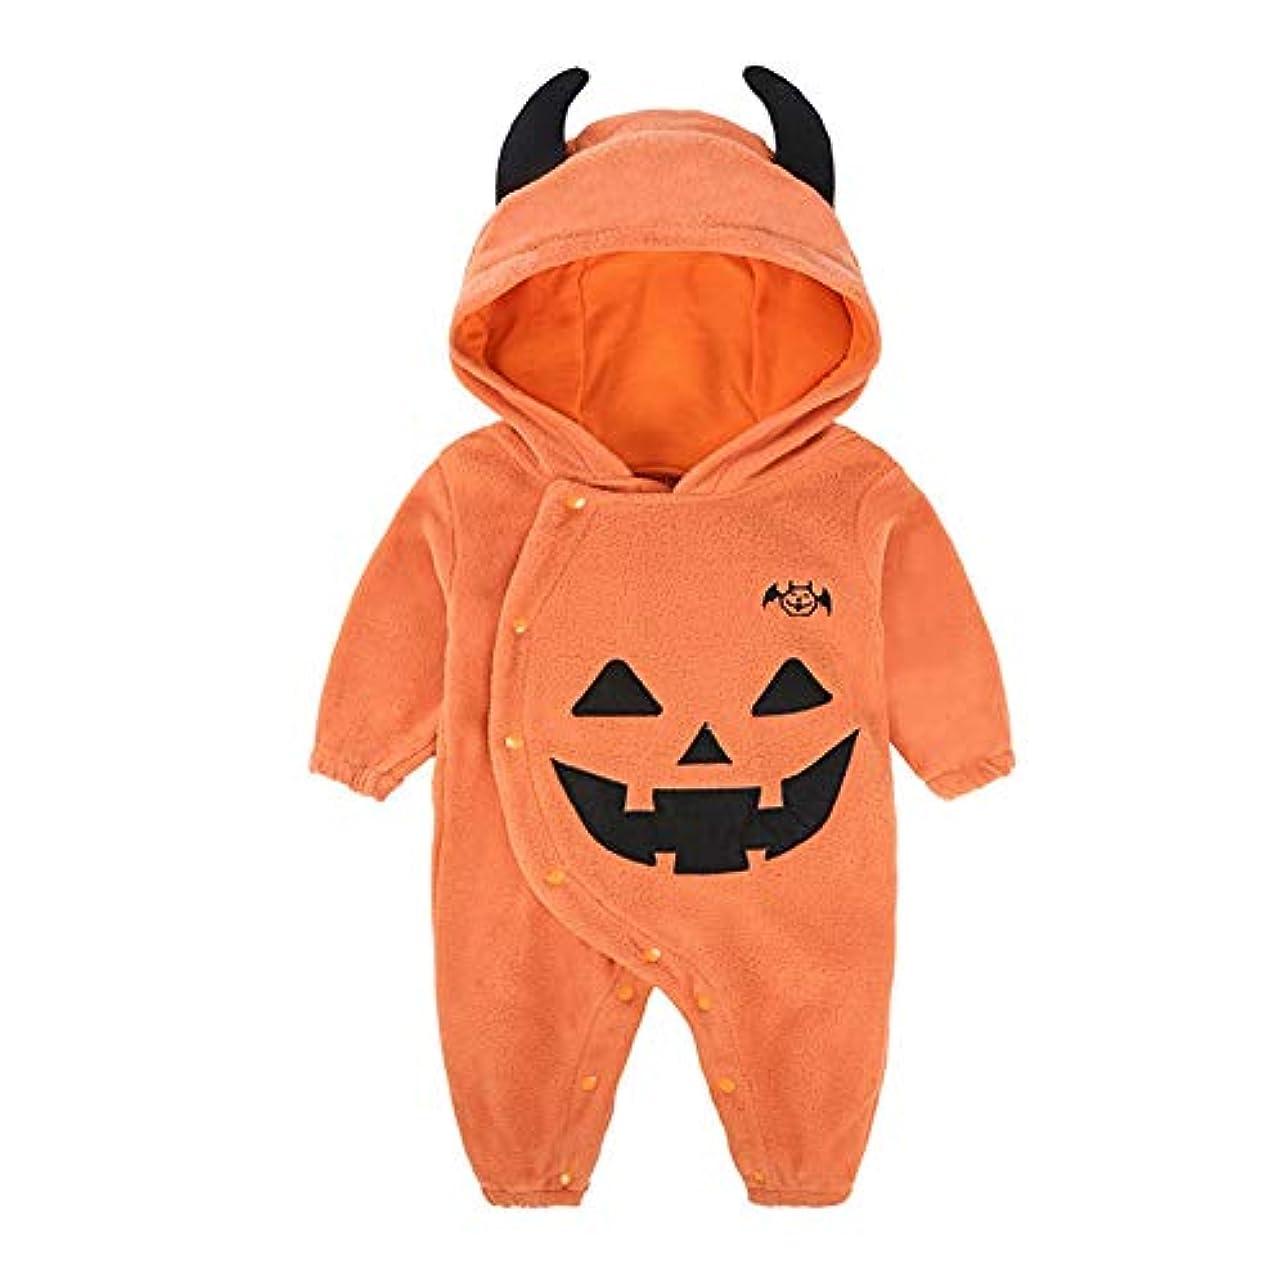 家畜実質的頭蓋骨ACHICOO ジャンプスーツ かわいい 暖かく 快適な ハロウィーン 赤ちゃん 男の子 女の子 秋 冬 示されるように 90#